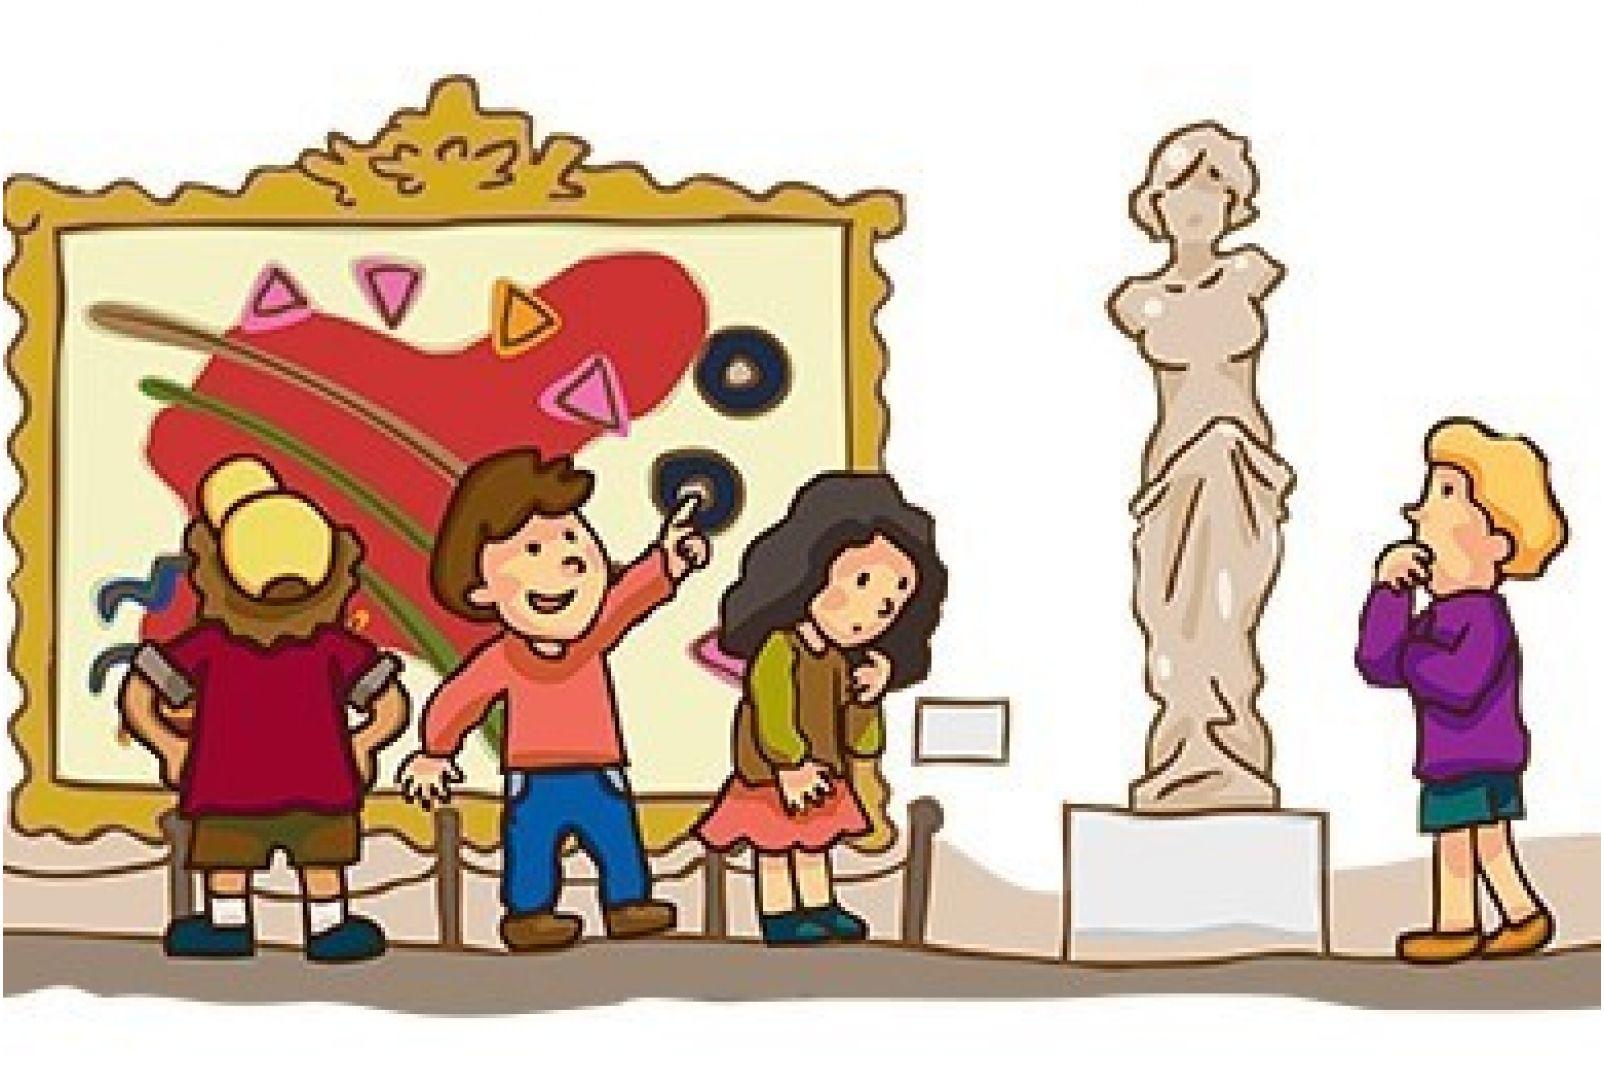 нашей рисунок экскурсия в музей вам идти намеченным